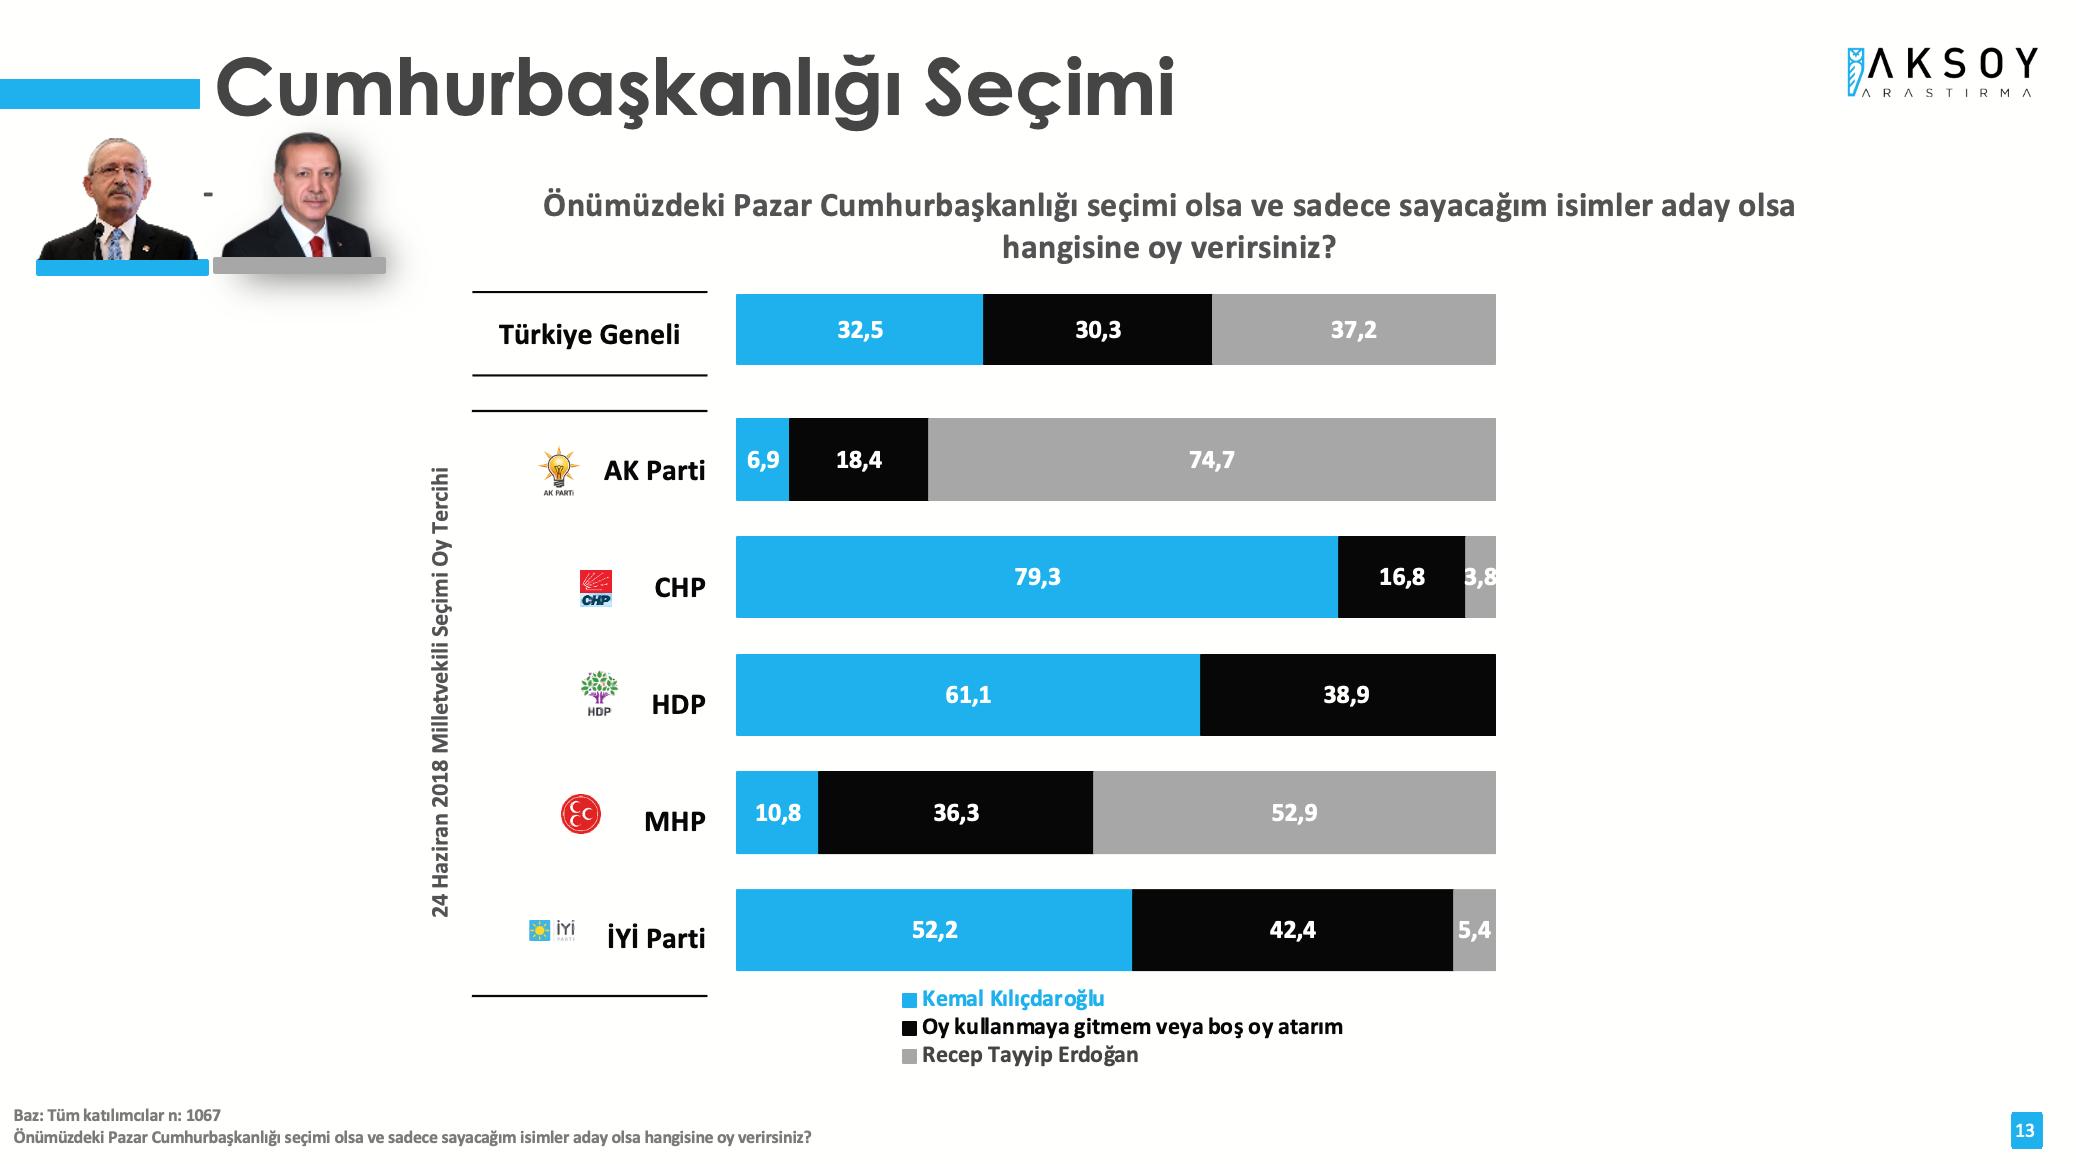 <p>Araştırmaya göre, Cumhurbaşkanı Erdoğan, CHP Genel Başkanı Kemal Kılıçdaroğlu'na karşı seçimi önde tamamlıyor. Olası bir Cumhurbaşkanlığı seçiminde iki aday arasında bir tercih yapılması istendiğinde, Erdoğan'a oy veririm diyenlerin oranı yüzde %37,2 iken, Kılıçdaroğlu'na oy veririm diyenlerin oranı %32,5 oldu.</p>